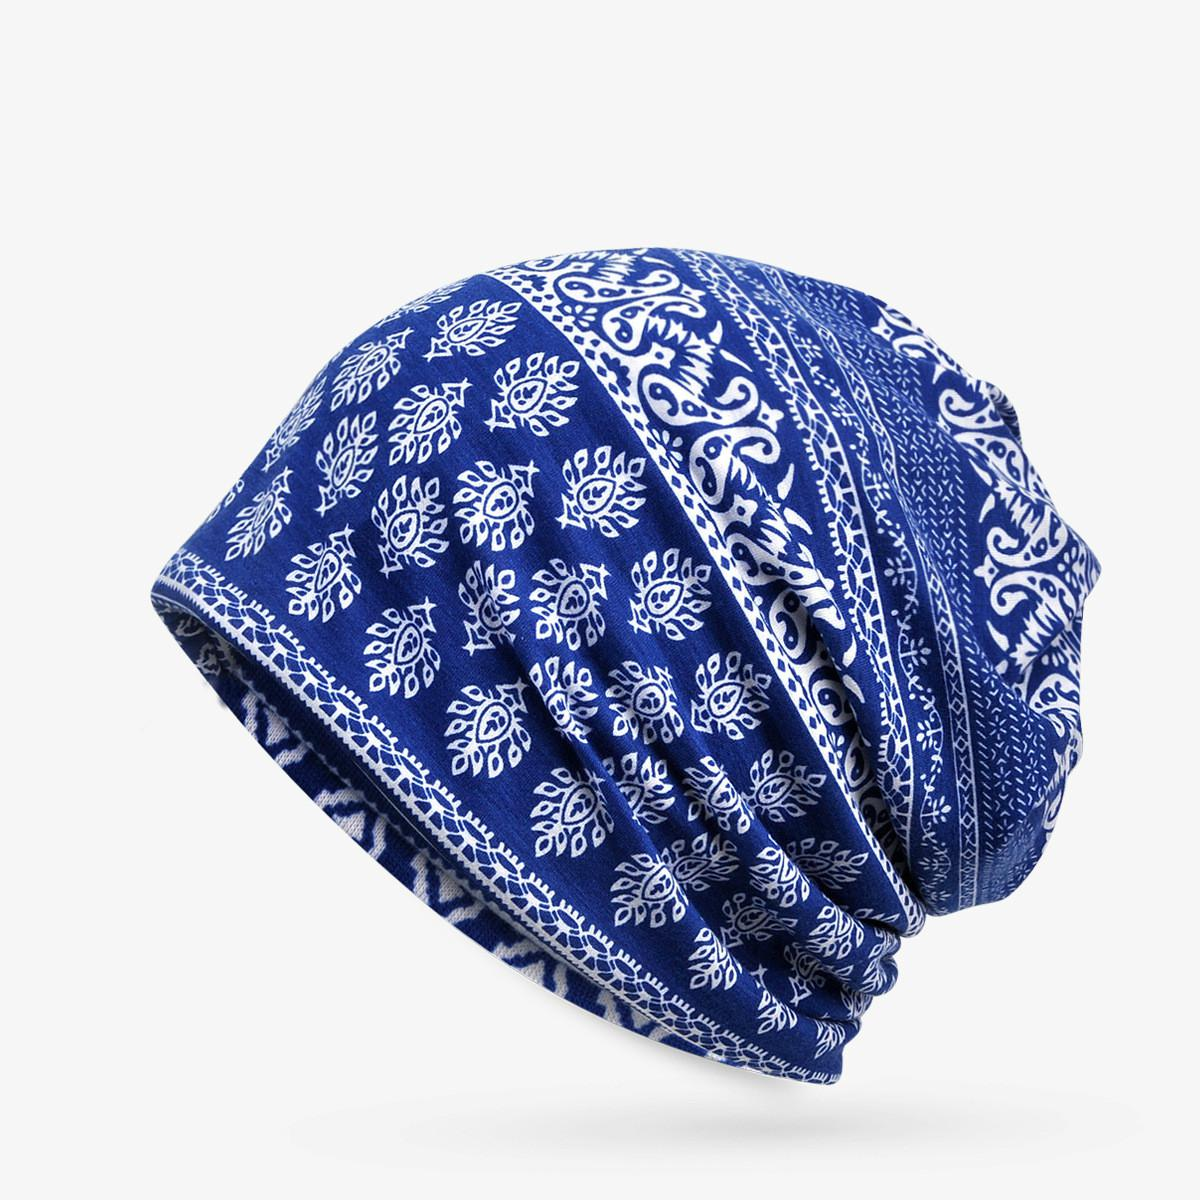 COKK-Coton-Turban-Chapeaux-Pour-Femmes-Hommes-Beanie-Autunm-Hiver-Chapeau-Femelle-Os-M-le-Gorro